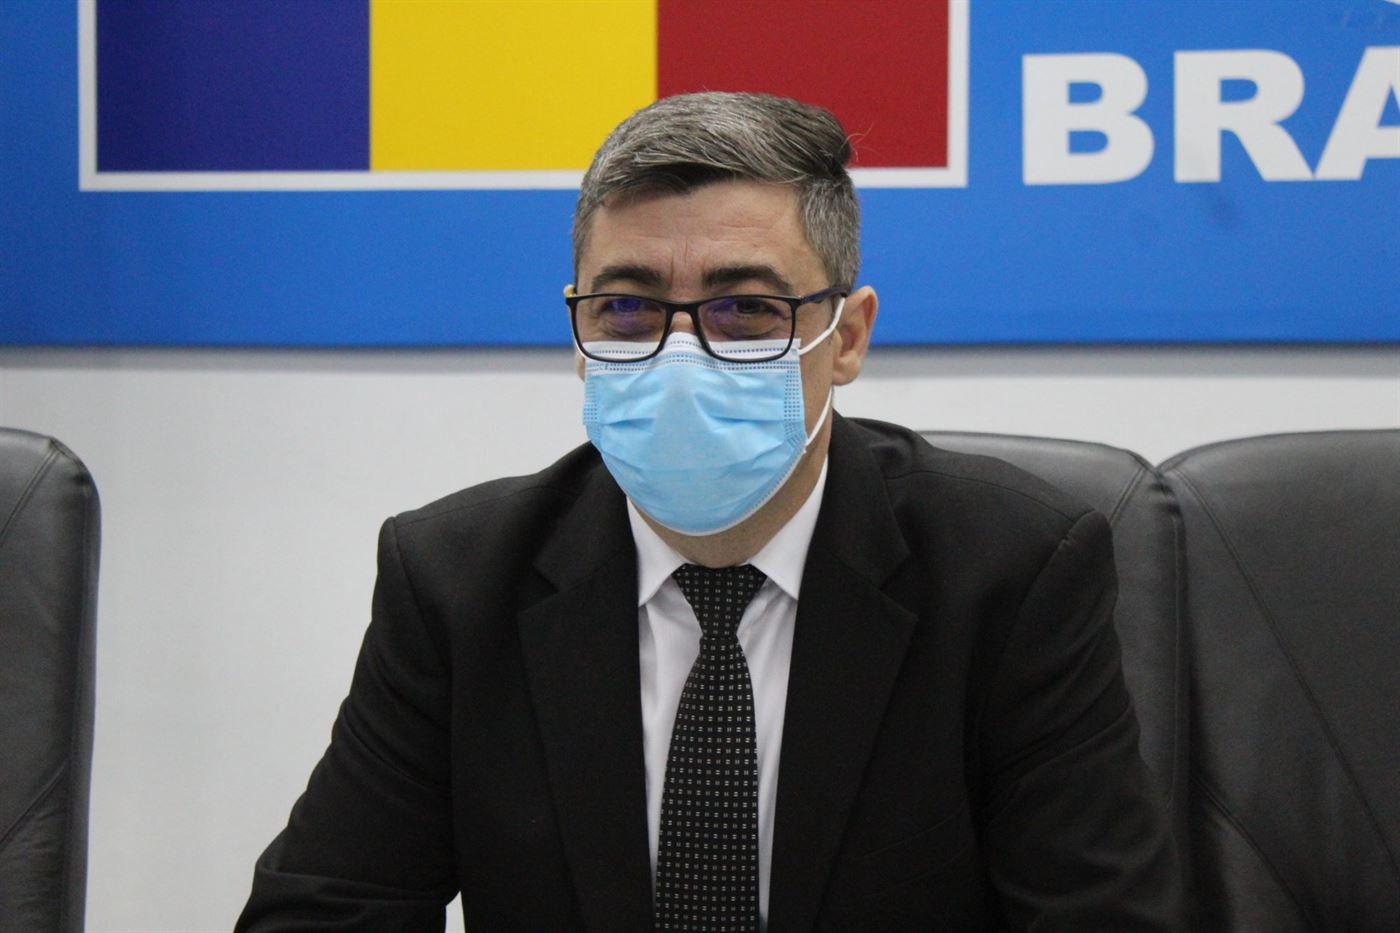 Cum explică președintele CJ Brăila lipsa autorizațiilor de securitate la incendii din spitalele aflate în subordinea Consiliului Județean